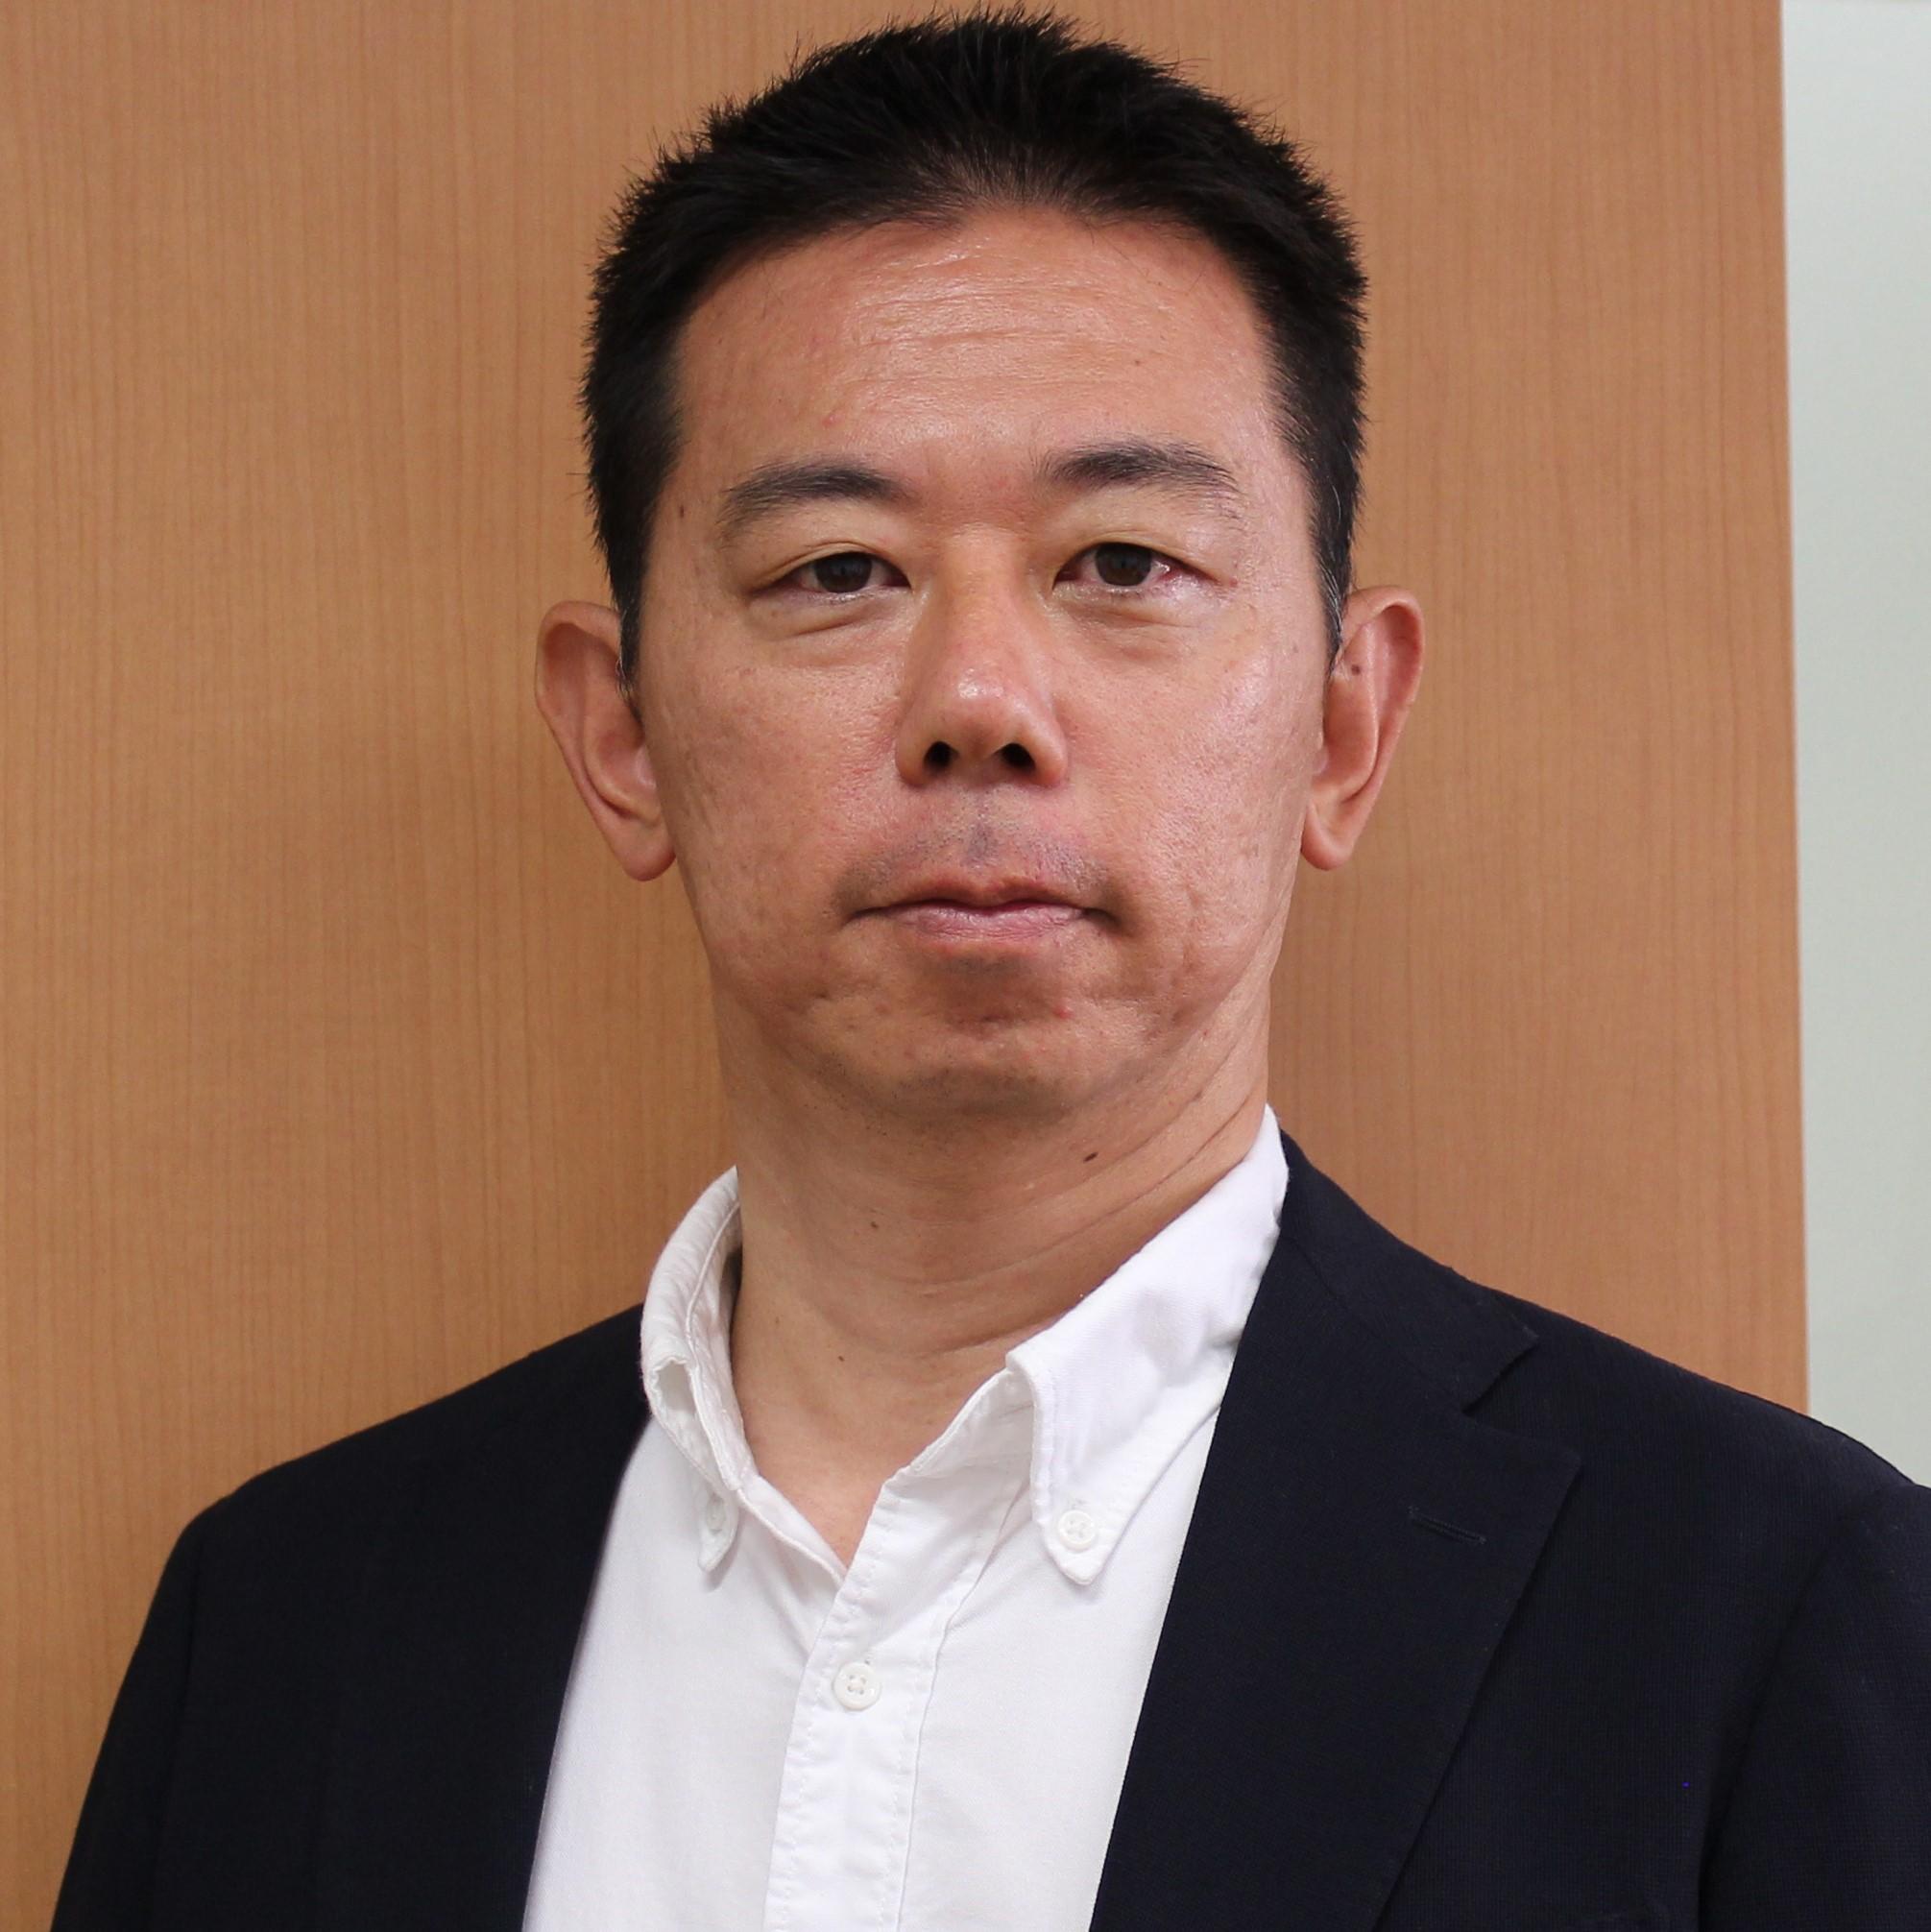 Rintaro Mori